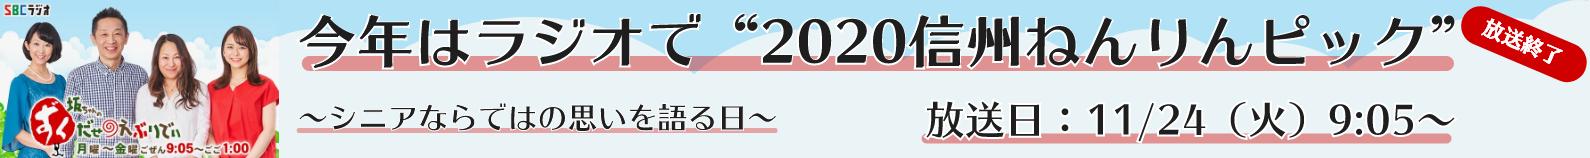 SBCラジオ「坂ちゃんのずくだせえぶりでい」11月24日(火)9:05 ~2020 信州ねんりんピック シニアならではの思いを語る日~